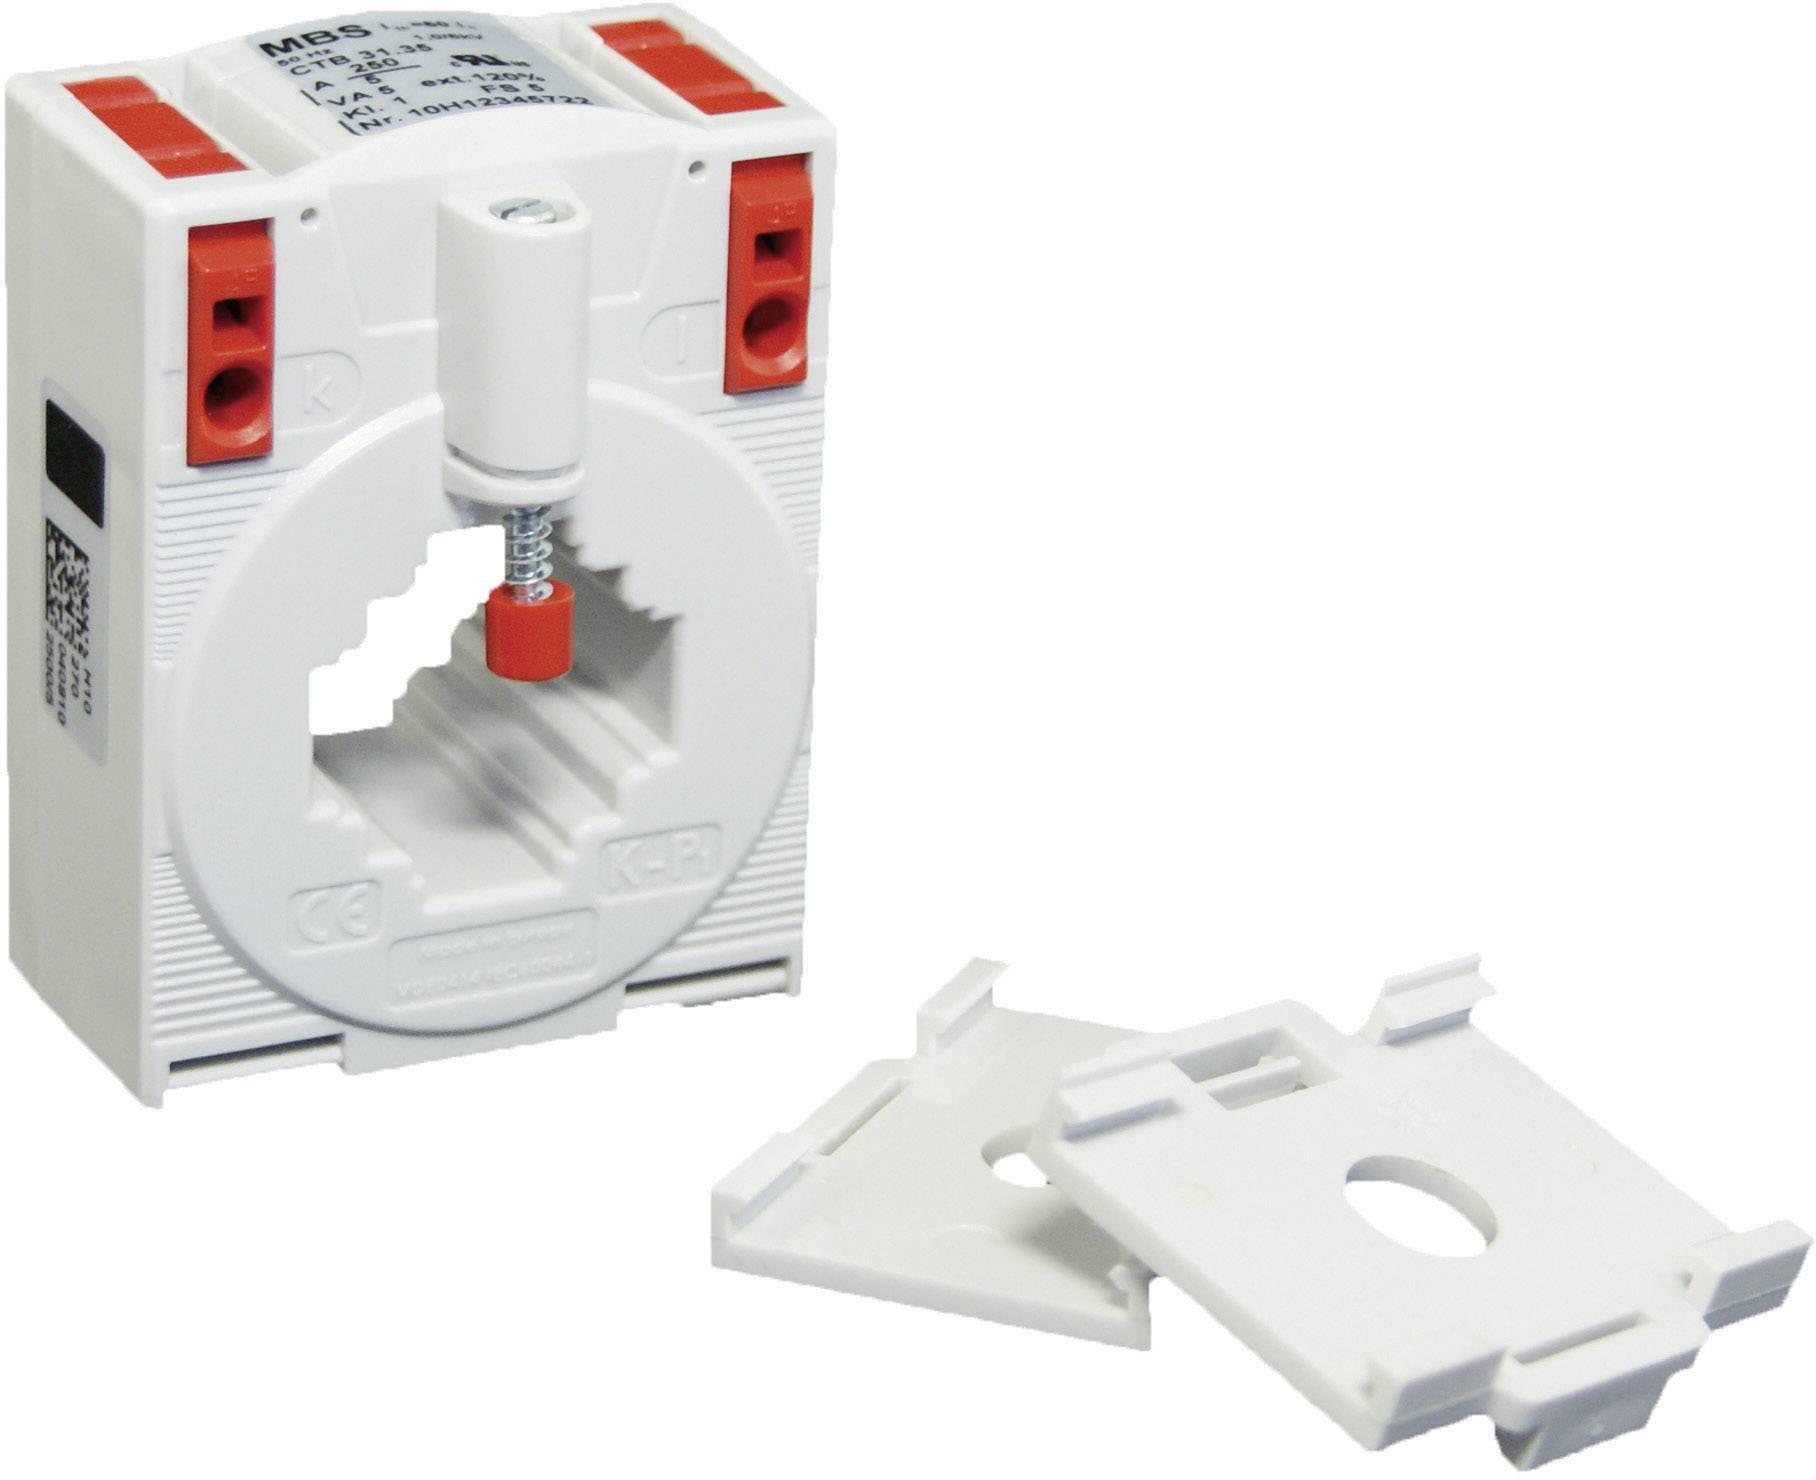 Zásuvný merací transformátor prúdu MBS CTB 31.35 75/5 A 2,5 VA Kl.1